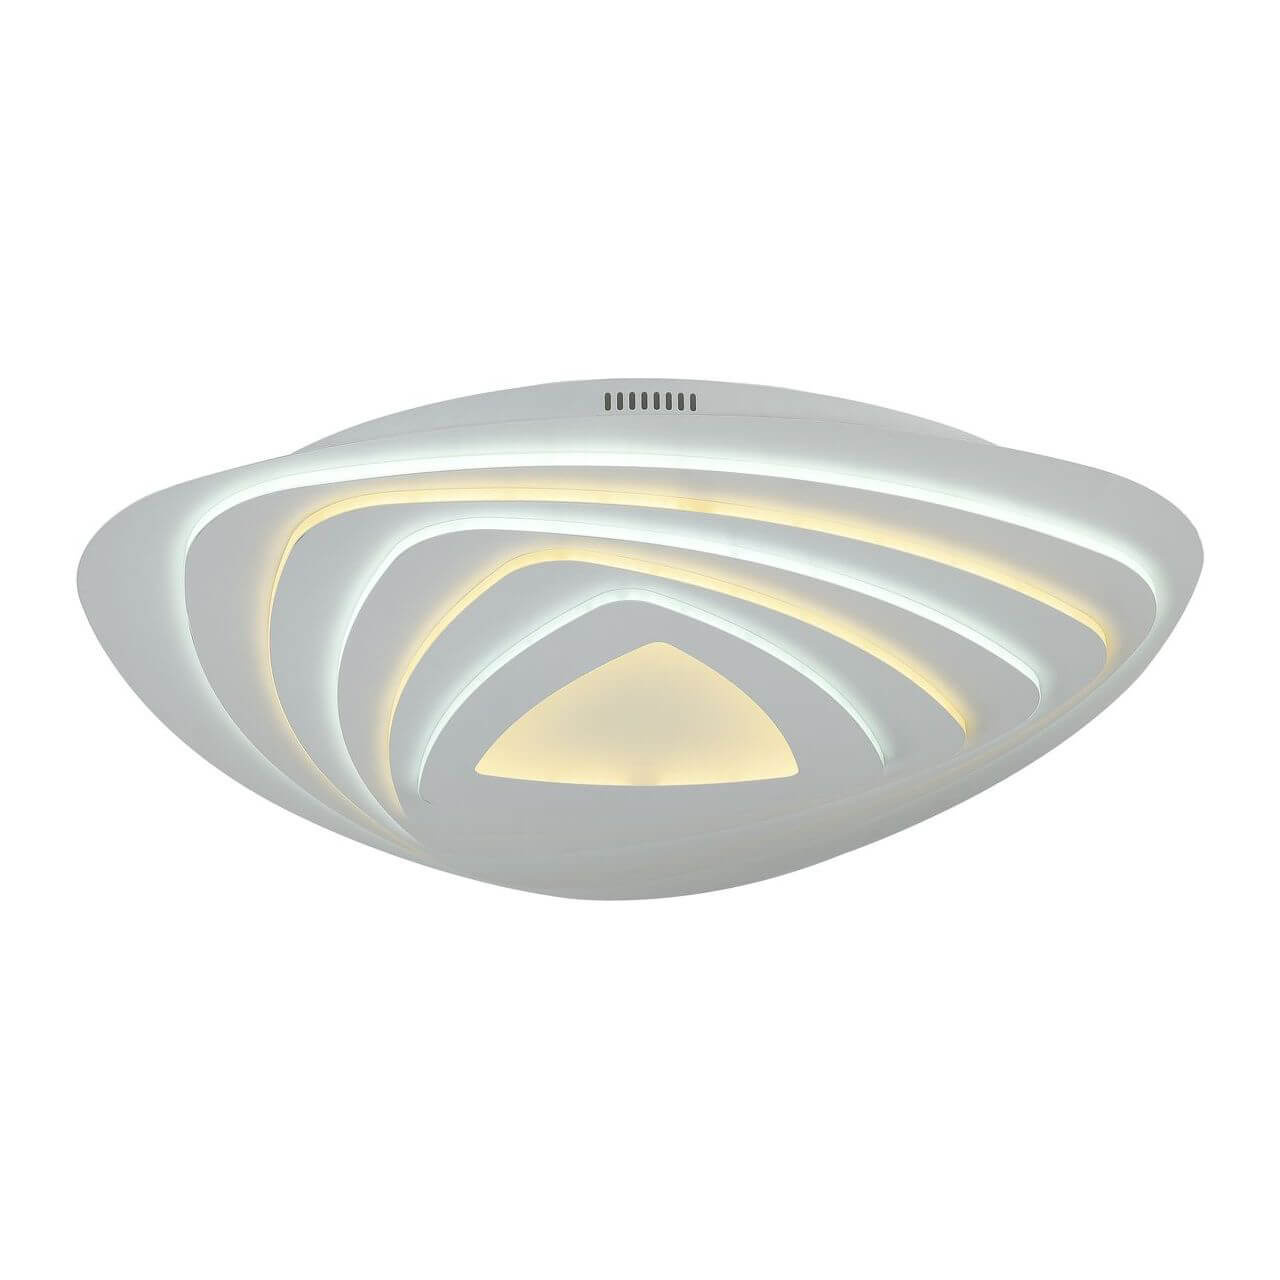 Потолочный светодиодный светильник F-Promo Ledolution 2288-8C